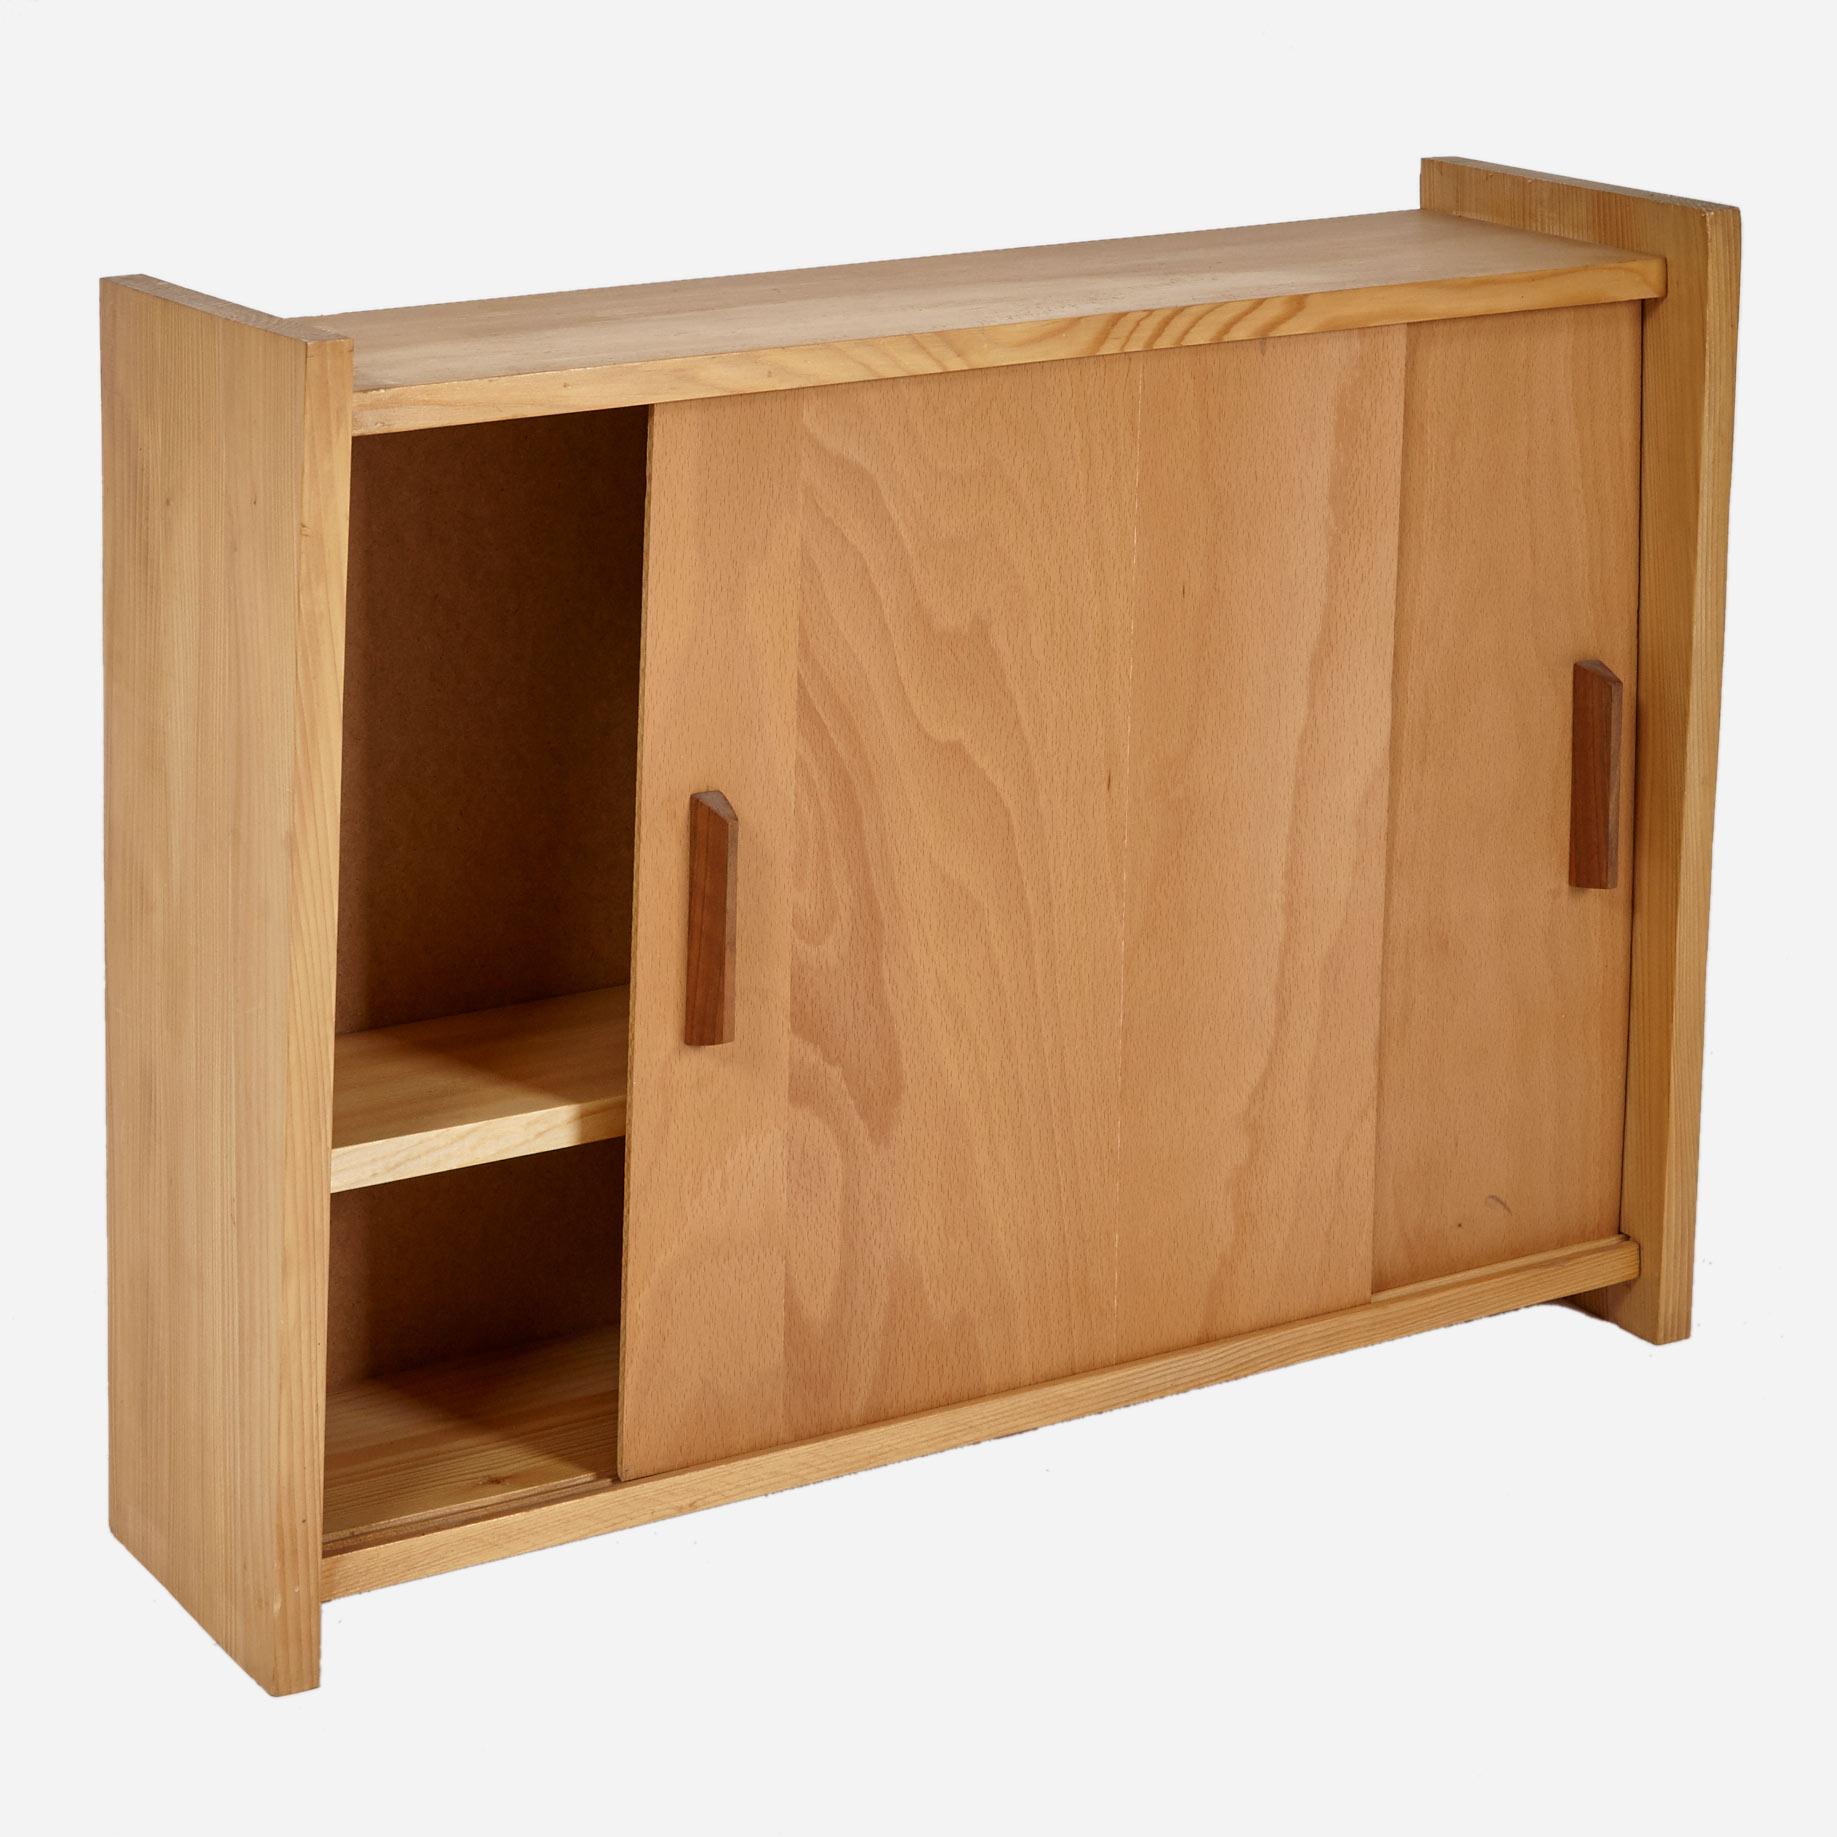 schiebeschrank f r wandmontage m bel z rich vintagem bel. Black Bedroom Furniture Sets. Home Design Ideas